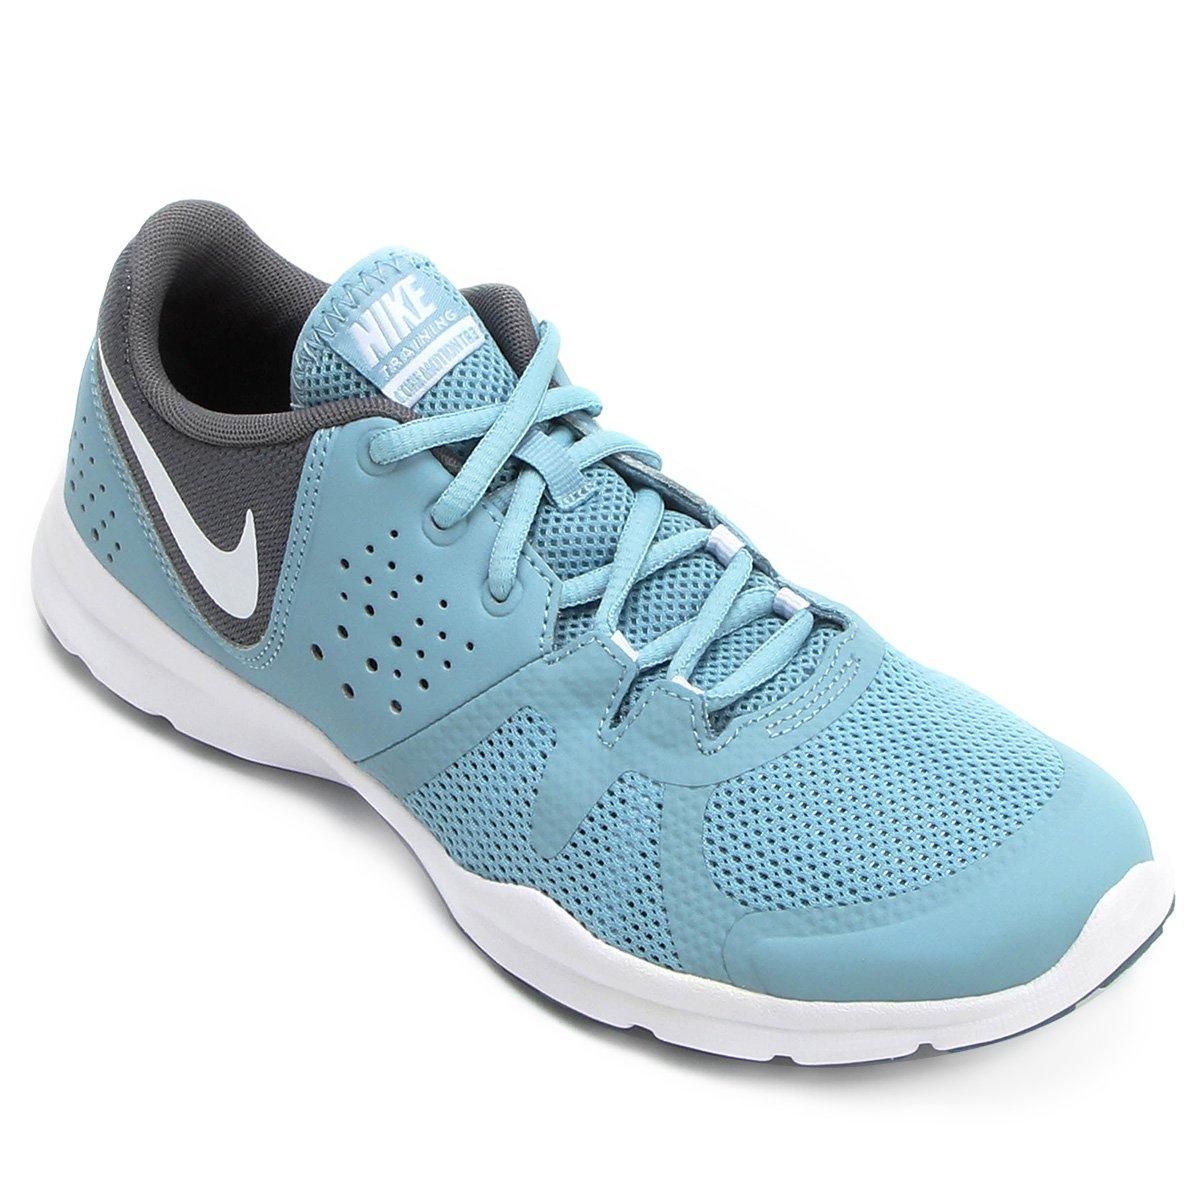 a2394aeca81b9 Tênis Nike Core Motion Tr 3 Mesh Feminino - Compre Agora